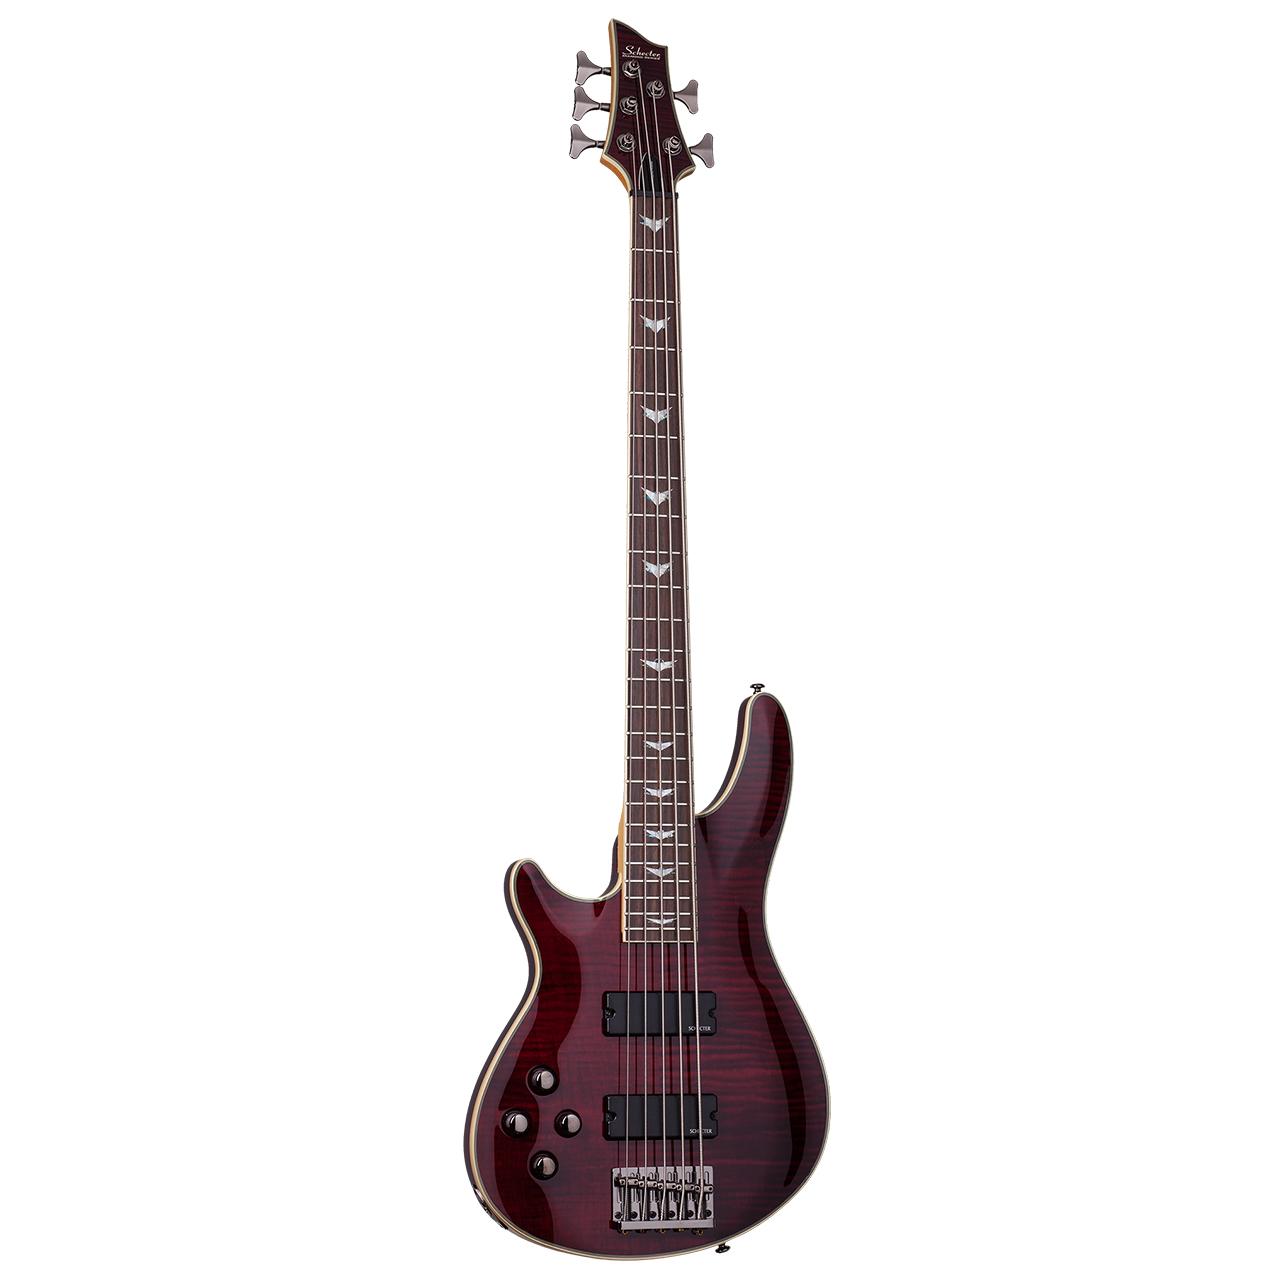 گیتار باس دست چپ شکتر مدل Omen Extreme-5-2047